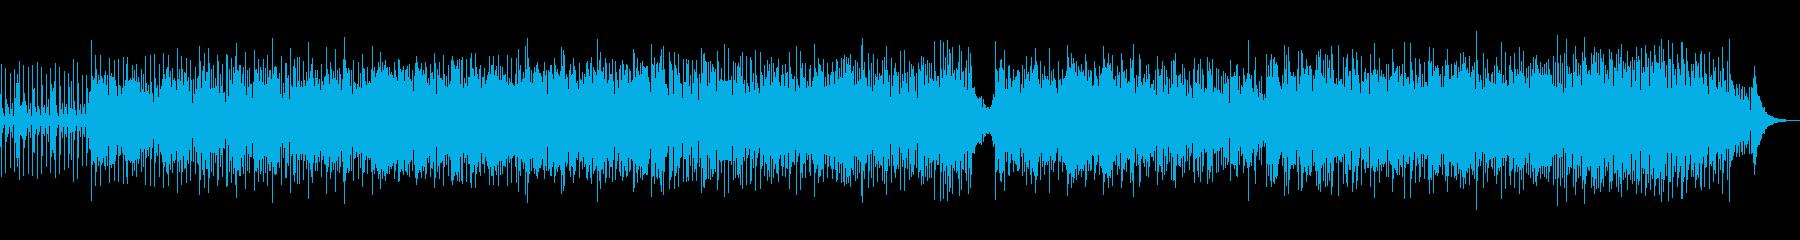 爽快感漂う雰囲気のボサノバの再生済みの波形